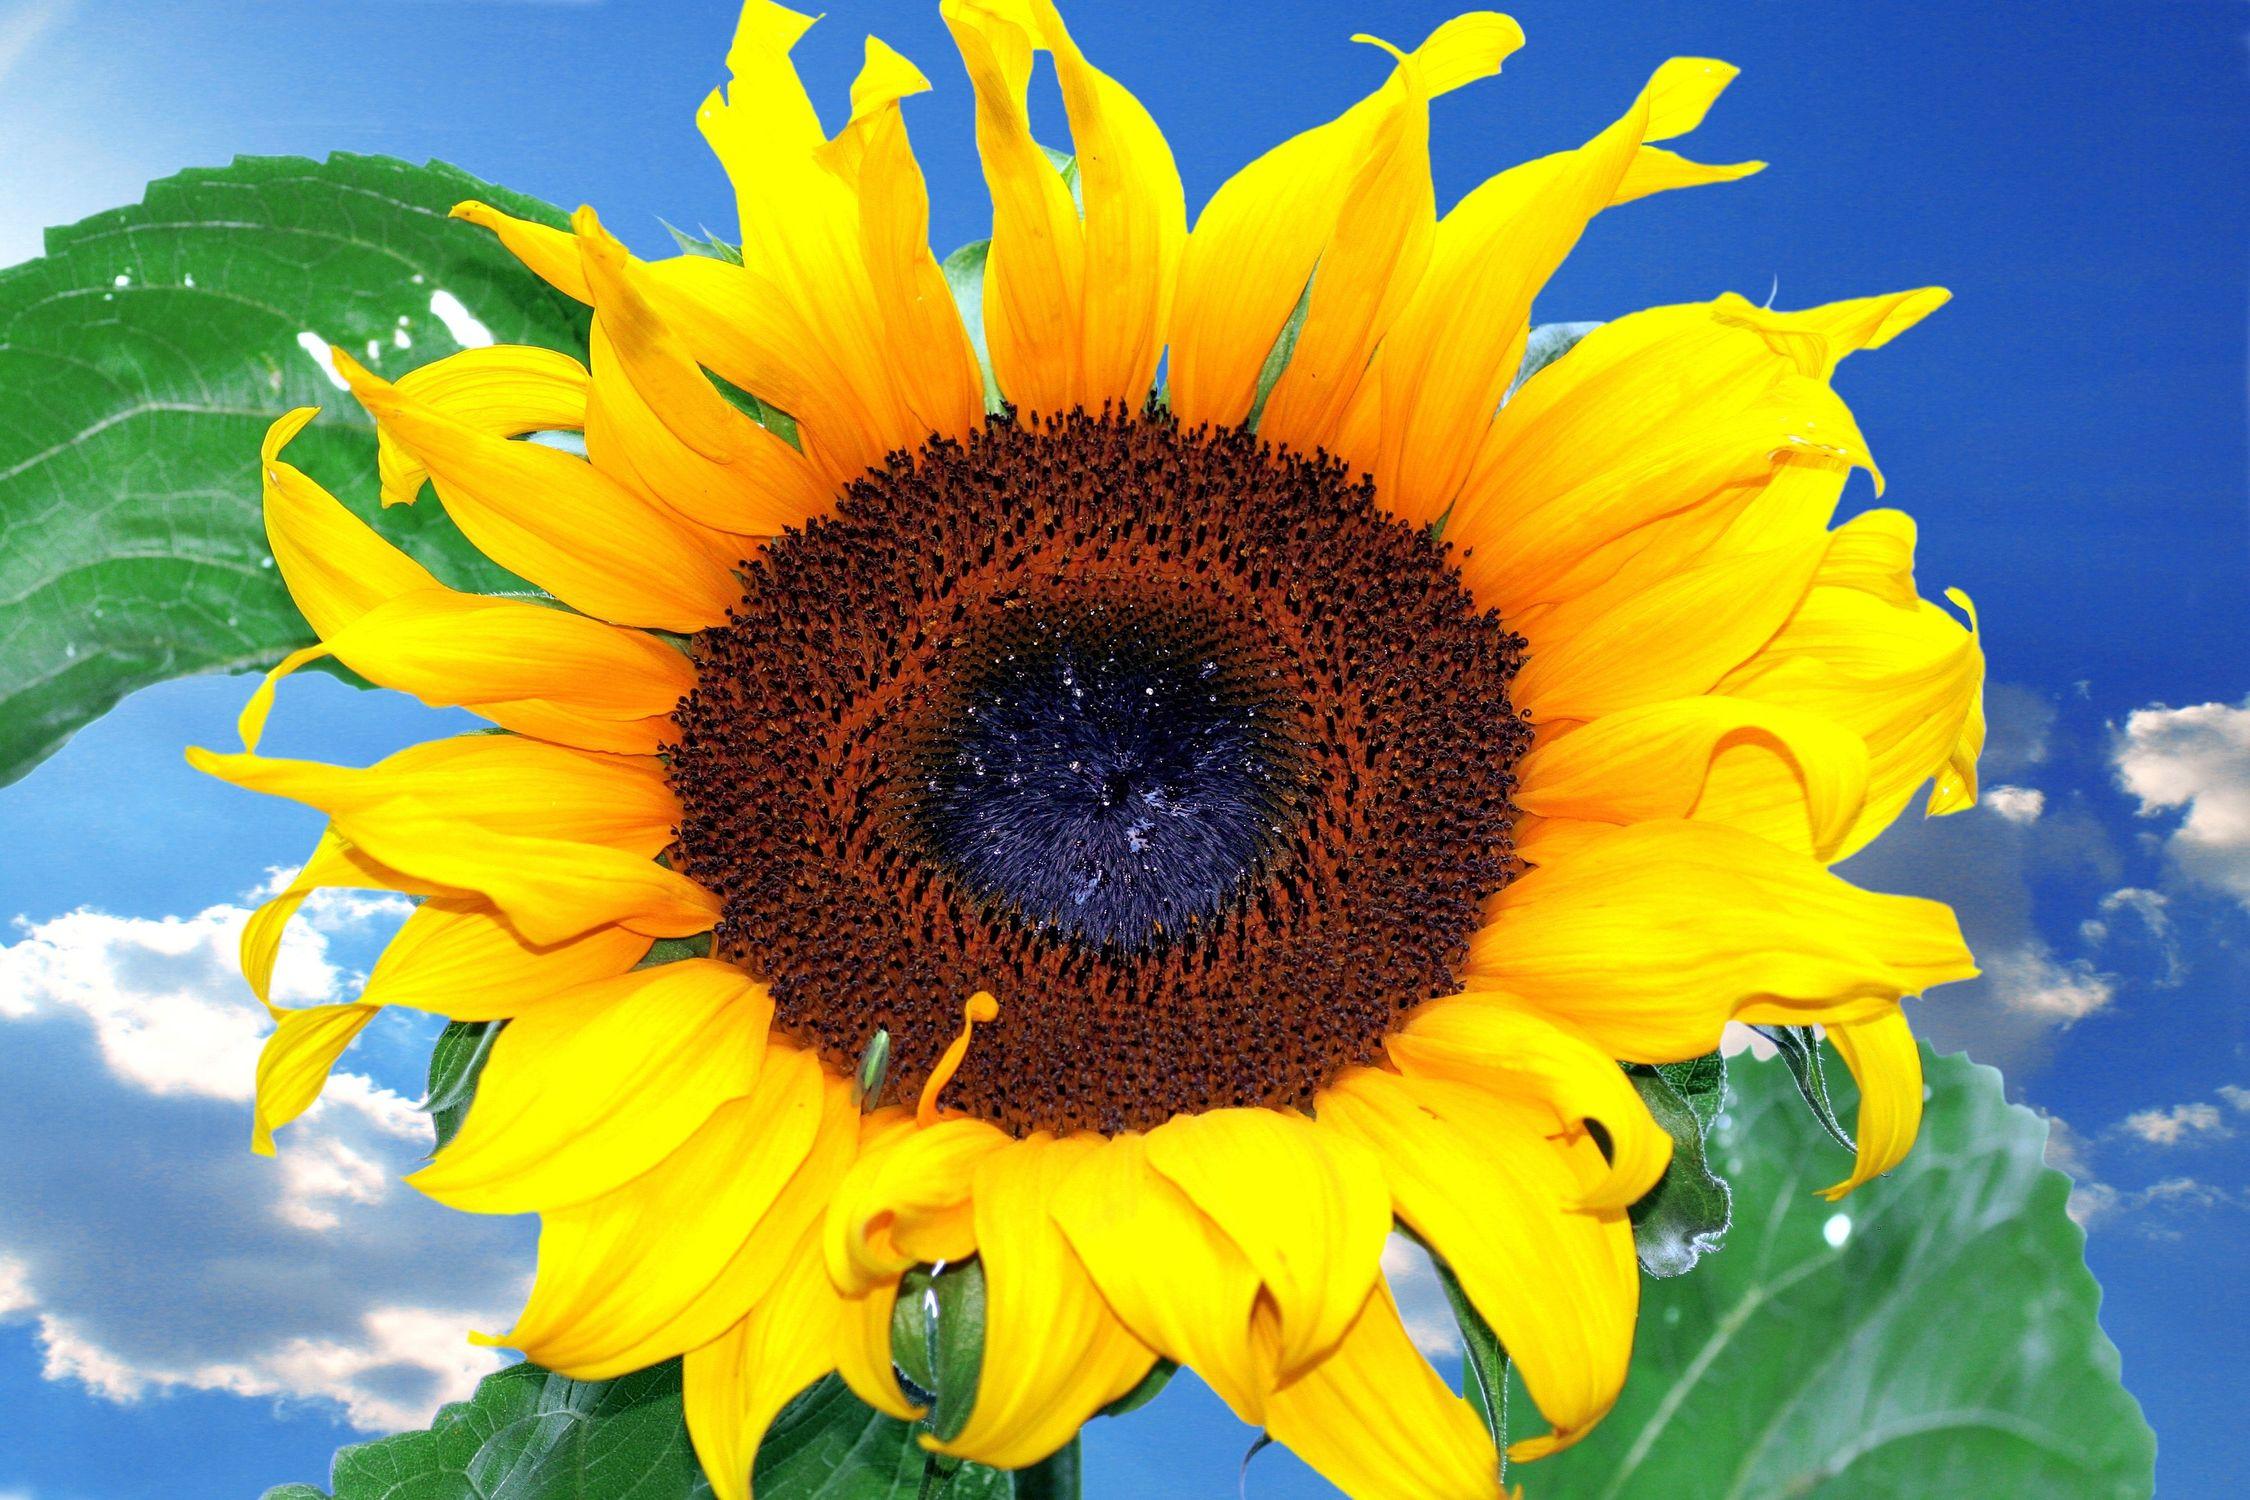 Bild mit Natur, Pflanzen, Himmel, Lebensmittel, Essen, Blumen, Korbblütler, Sonnenblumen, Blume, Flower, Flowers, Sonnenblume, Sunflower, Sunflowers, Helianthus annuus, Helianthus, Asteraceae